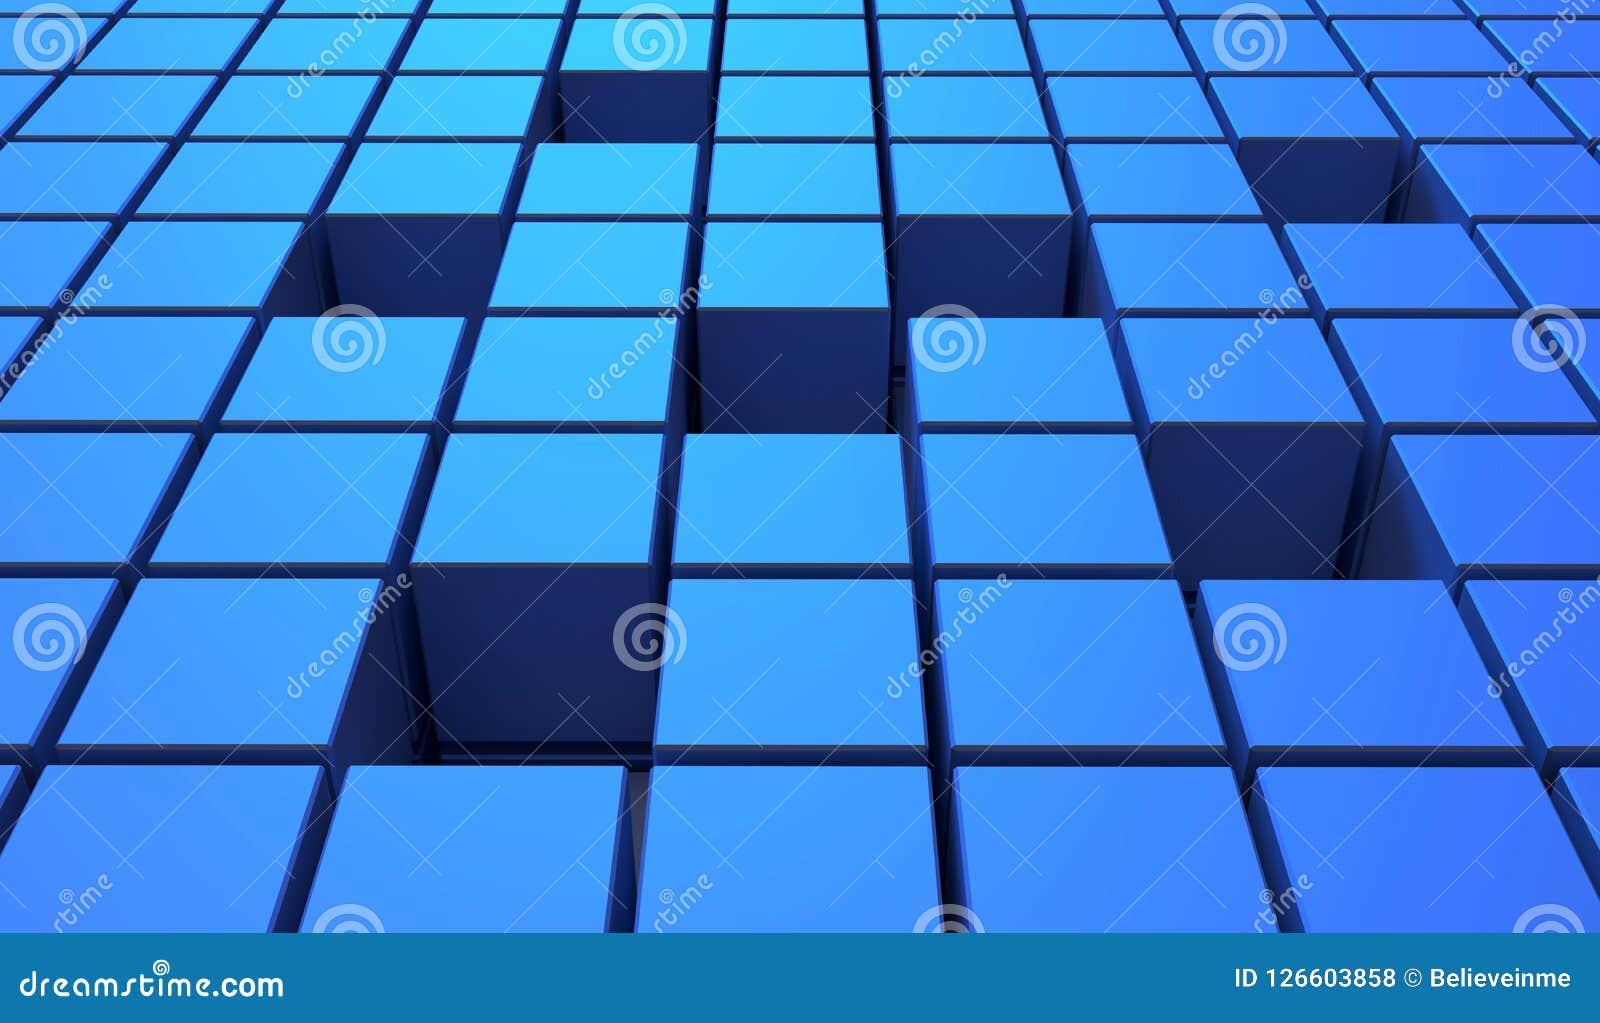 Abstrakt bakgrund av kuber i blåttfärg illustration 3d